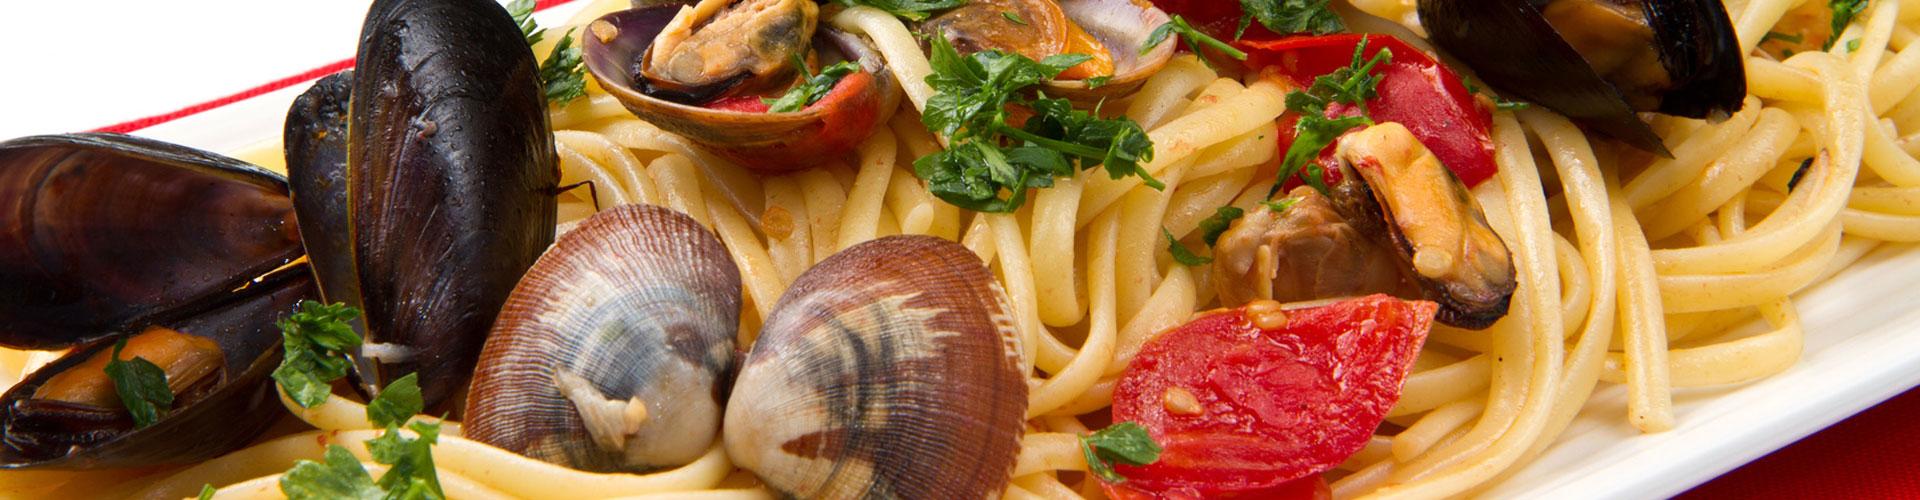 Just gusto lab legnano ristorante di pesce cucina italiana for Cucina italiana pesce